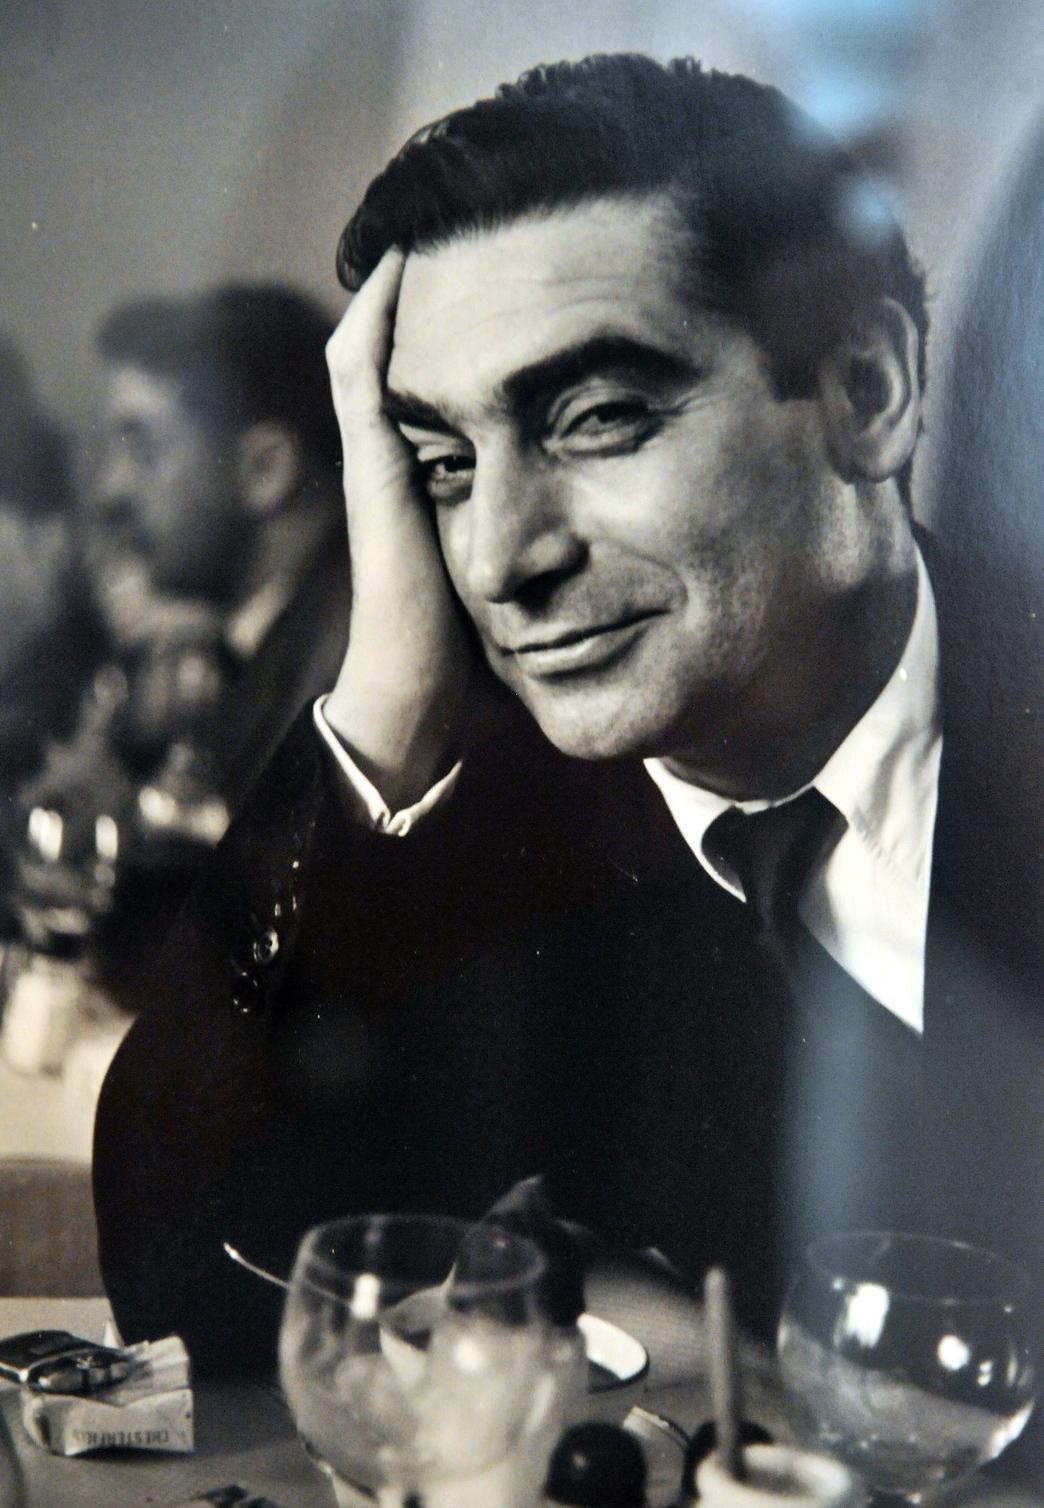 Budapest, 2009. július 2. Ruth Orkin 1951-ben, Párizsban készült képe Robert Capa-ról a fotóriporter képeiből összeállított kiállítást bemutató sajtótájékoztató előtt a Ludwig Múzeum - Kortárs Művészeti Múzeumban. MTI Fotó: Reprodukció